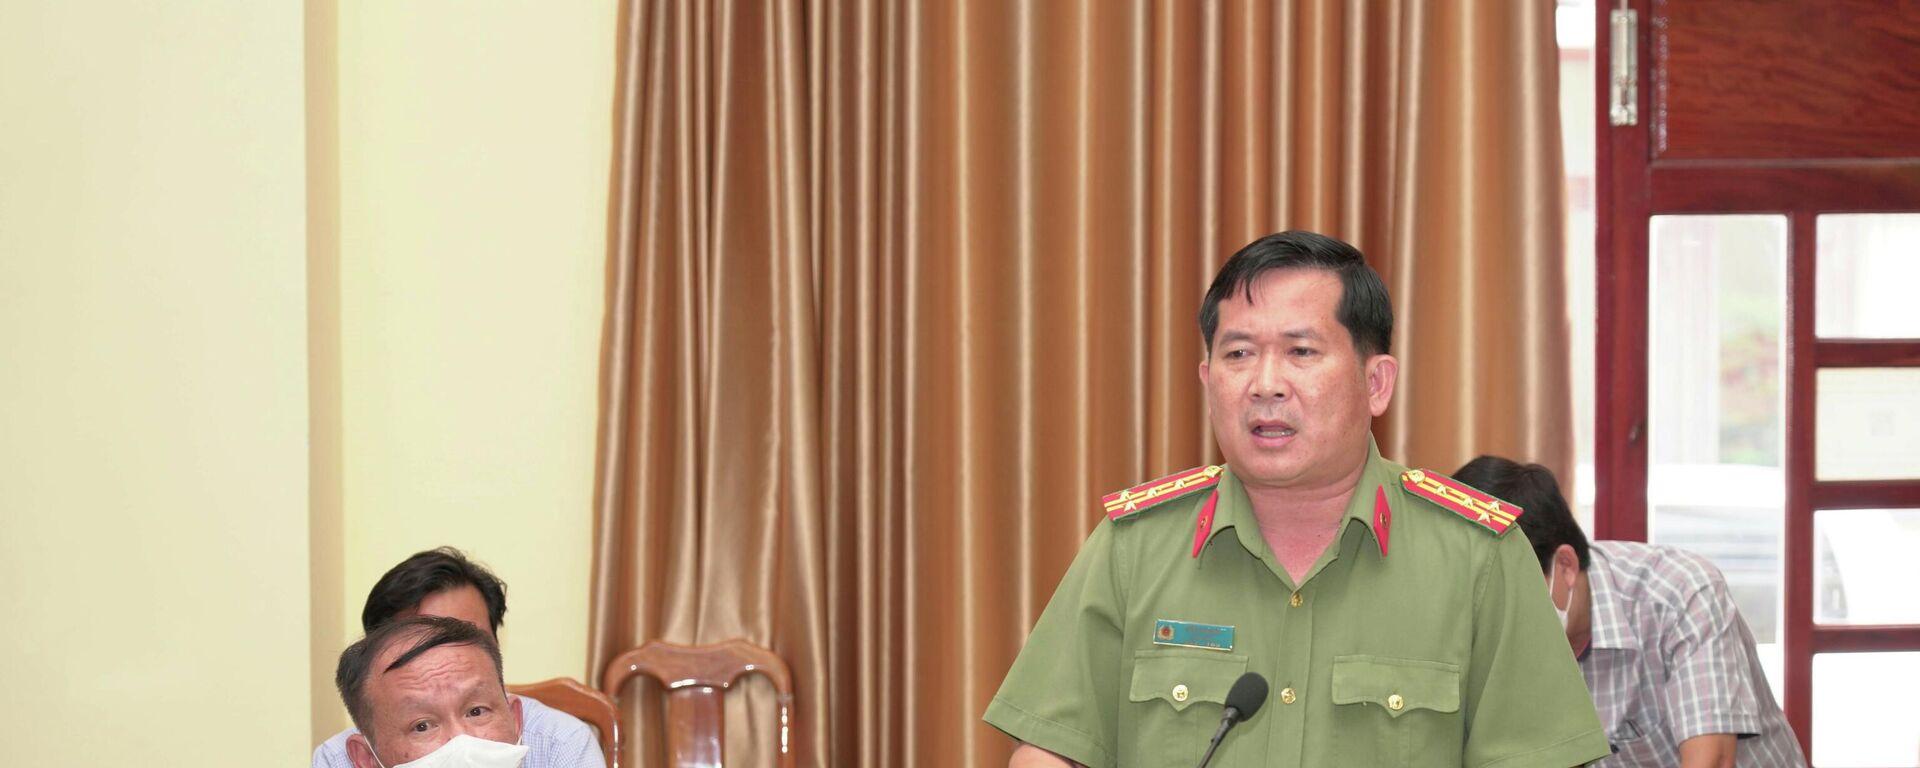 Đại tá Đinh Văn Nơi, Giám đốc Công an tỉnh An Giang phát biểu tại buổi làm việc.  - Sputnik Việt Nam, 1920, 09.10.2021